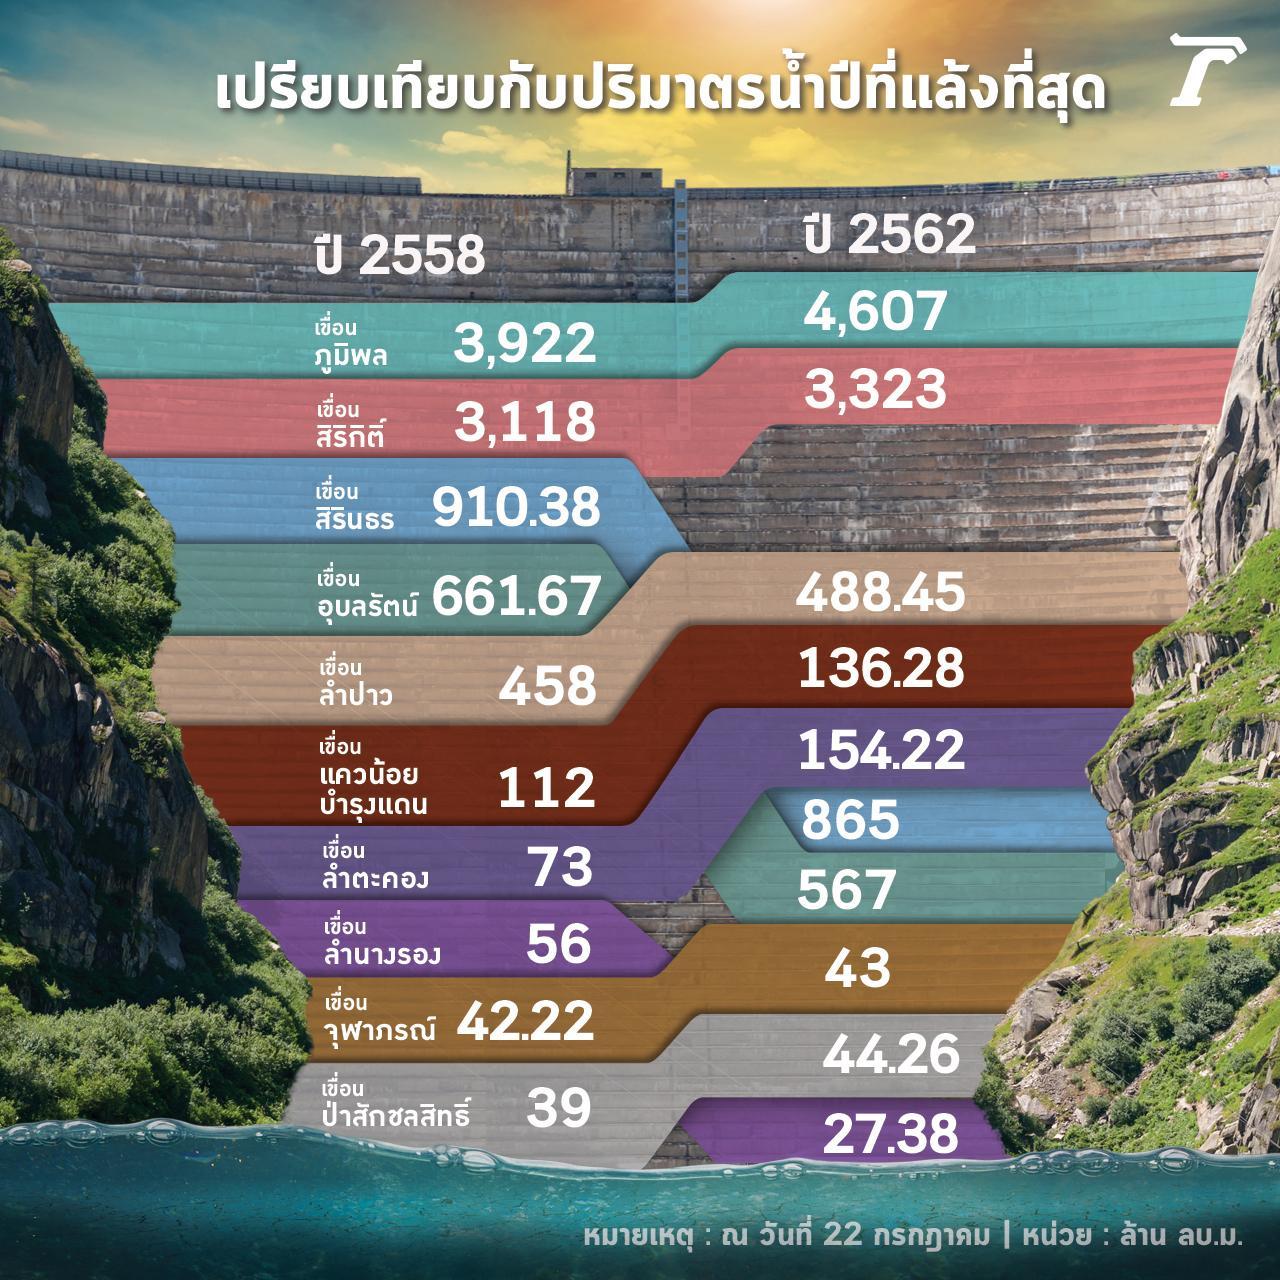 กราฟแสดงการเปรียบเทียบปริมาตรน้ำ ณ วันที่ 22 กรกฎาคม 2562 กับวันที่ 22 กรกฎาคม 2558 ซึ่งเป็นปีที่เกิดวิกฤติแล้งรุนแรงที่สุดในรอบ 20 ปี